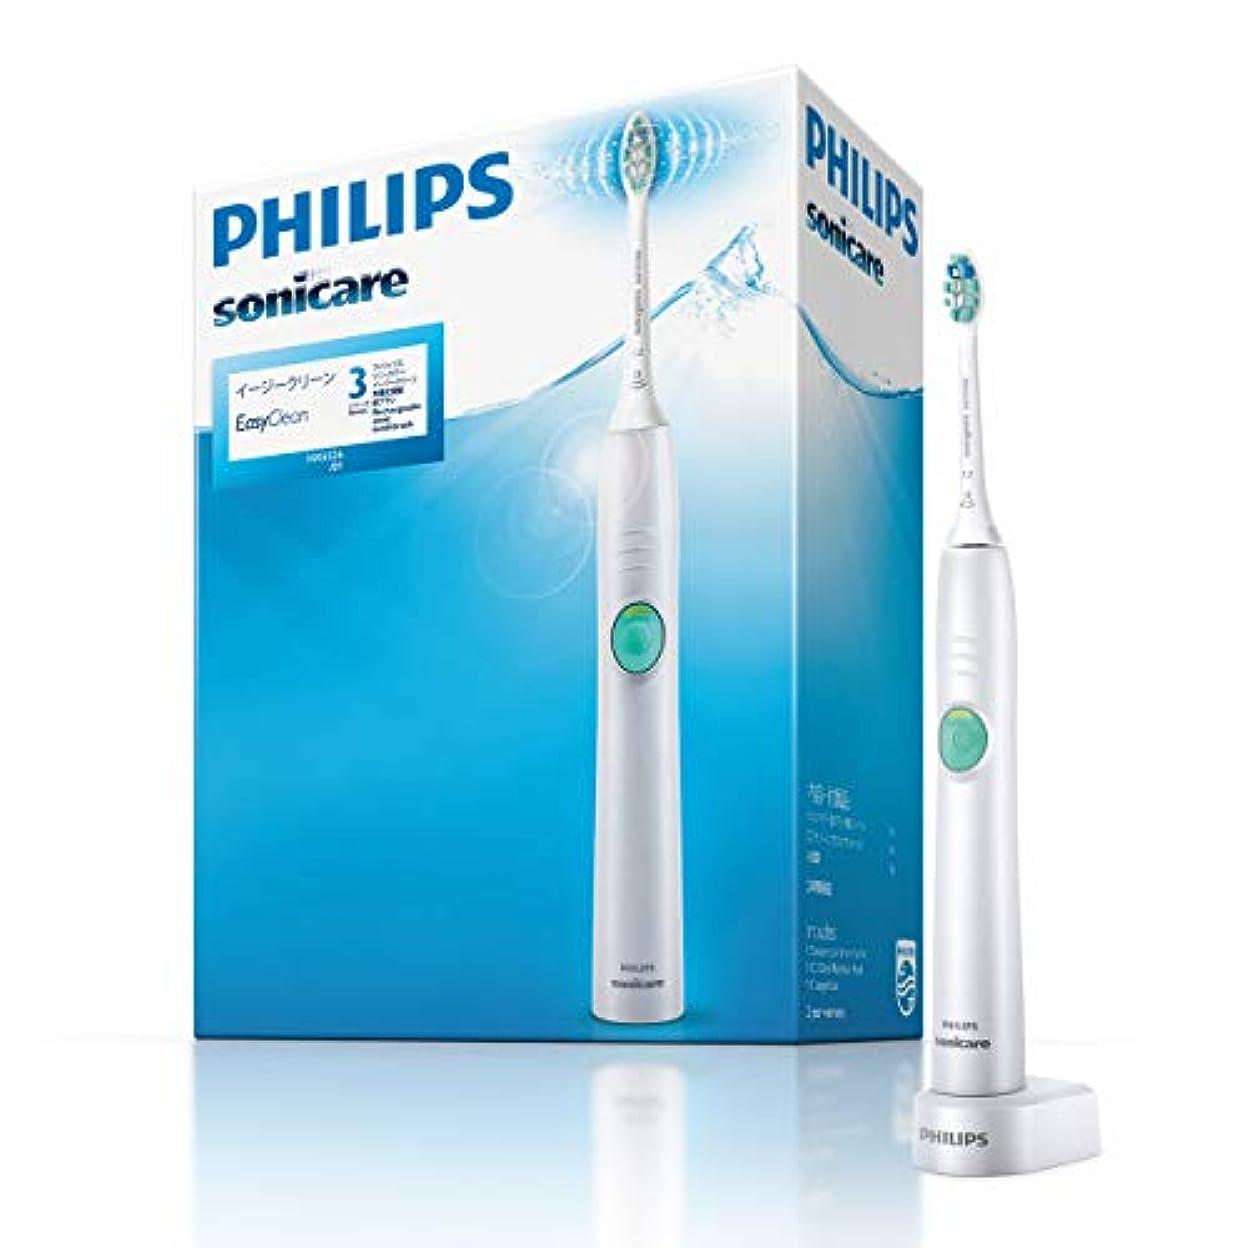 影響する気がついて繰り返したフィリップス ソニッケアー イージークリーン 電動歯ブラシ ホワイト HX6551/01